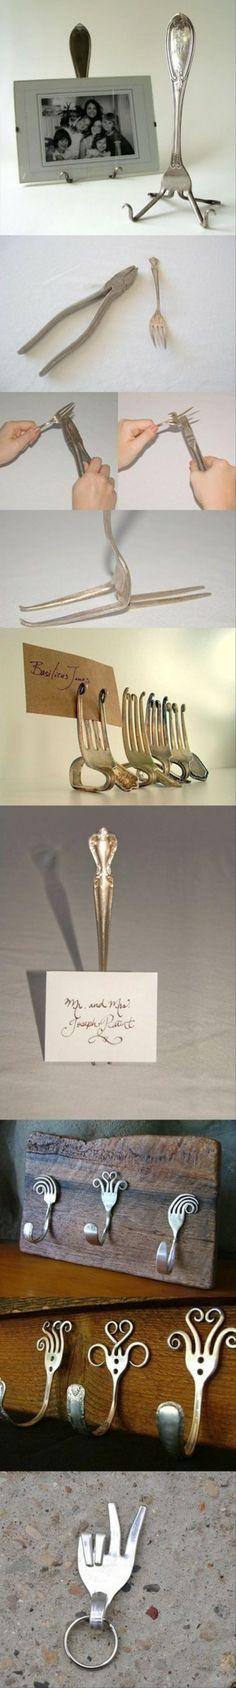 Wat te doen met oude vorken. Bizar maar stiekem eigenlijk ook heel leuk!